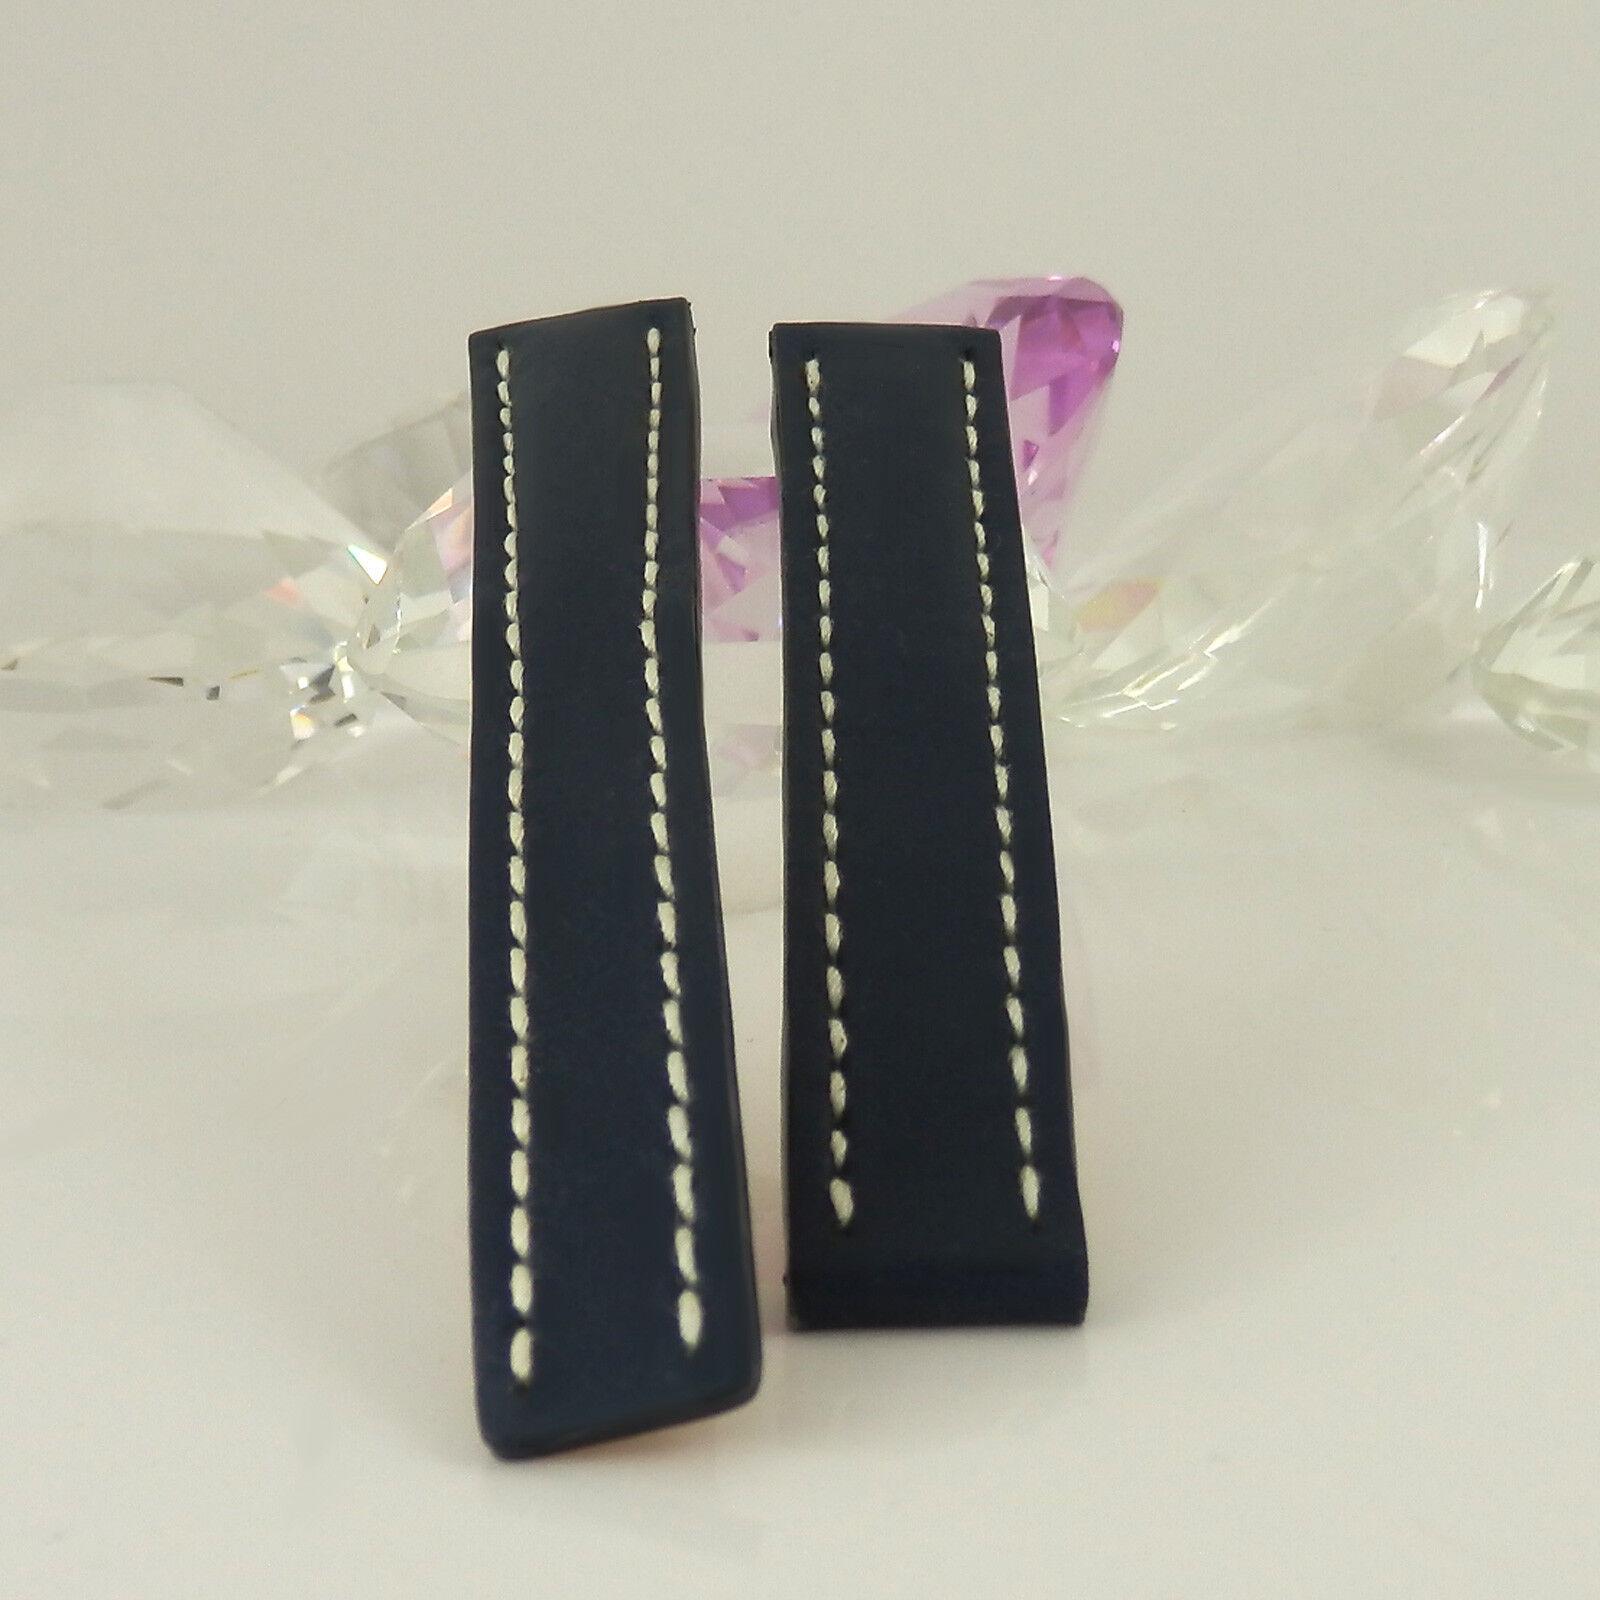 Breitling Damen Lederband dunkelblau für Faltschließe 15 auf 14 mm Stegbreite